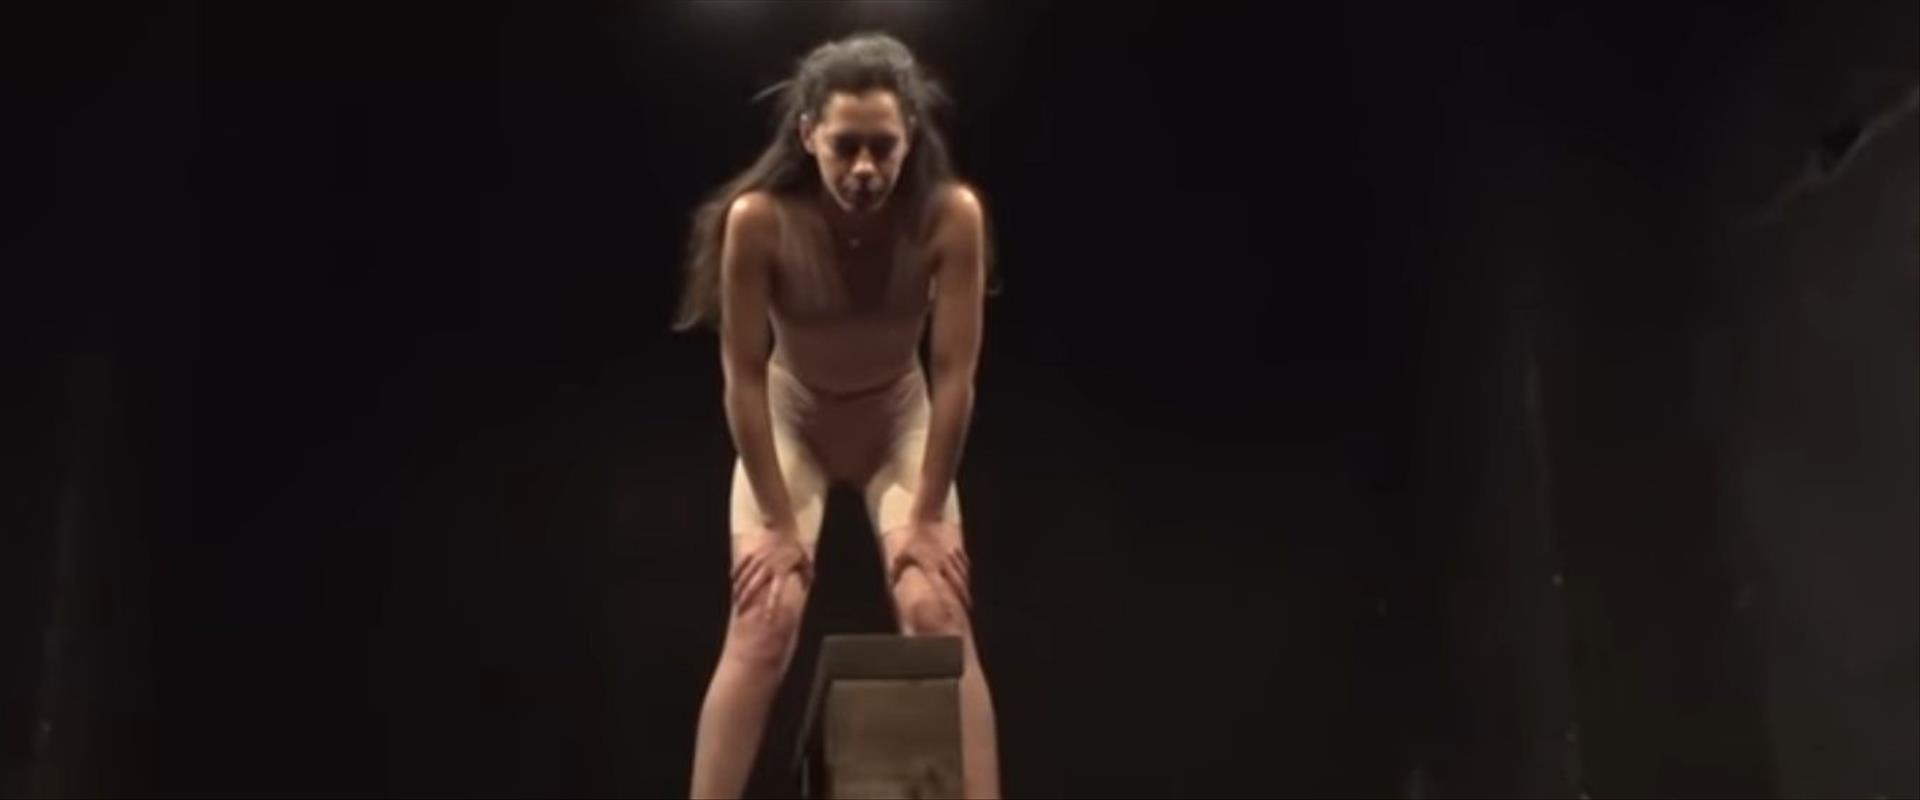 מעין קילצ'בסקי בהצגה